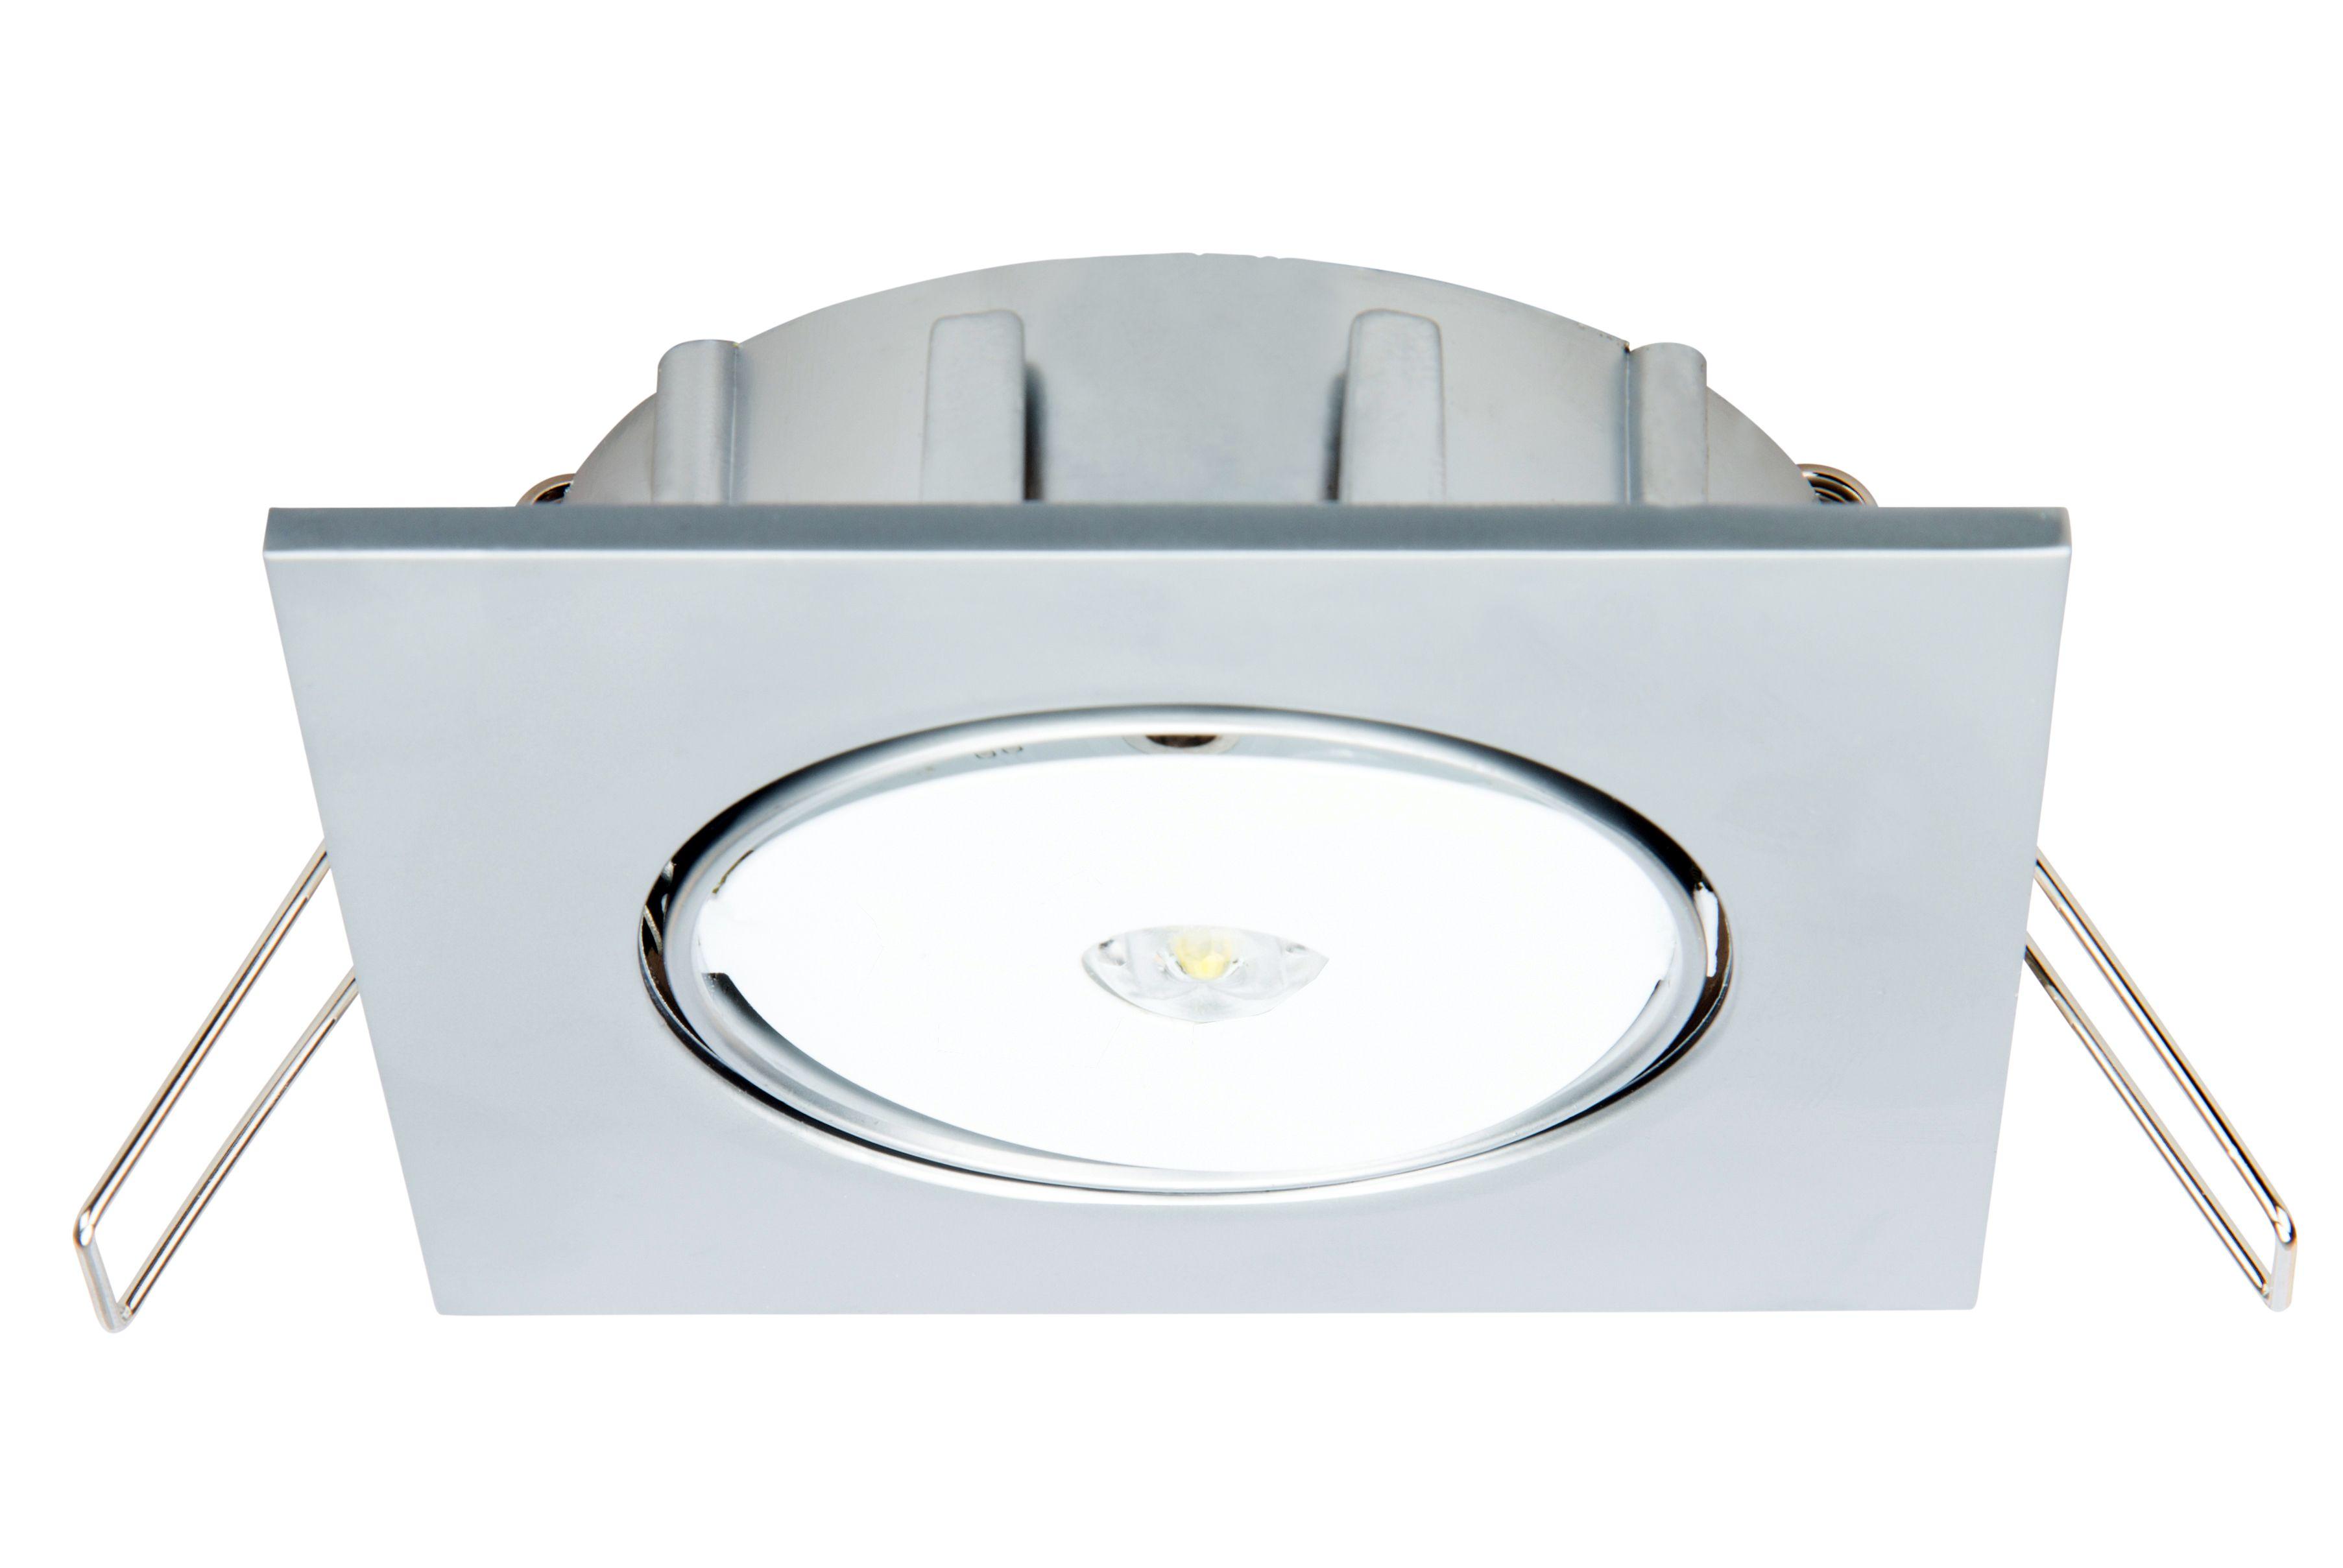 1 Stk Notleuchte DLQ Wireless 1W ERT-LED 3h 230VAC, Funk schaltbar NLDLQ023WL